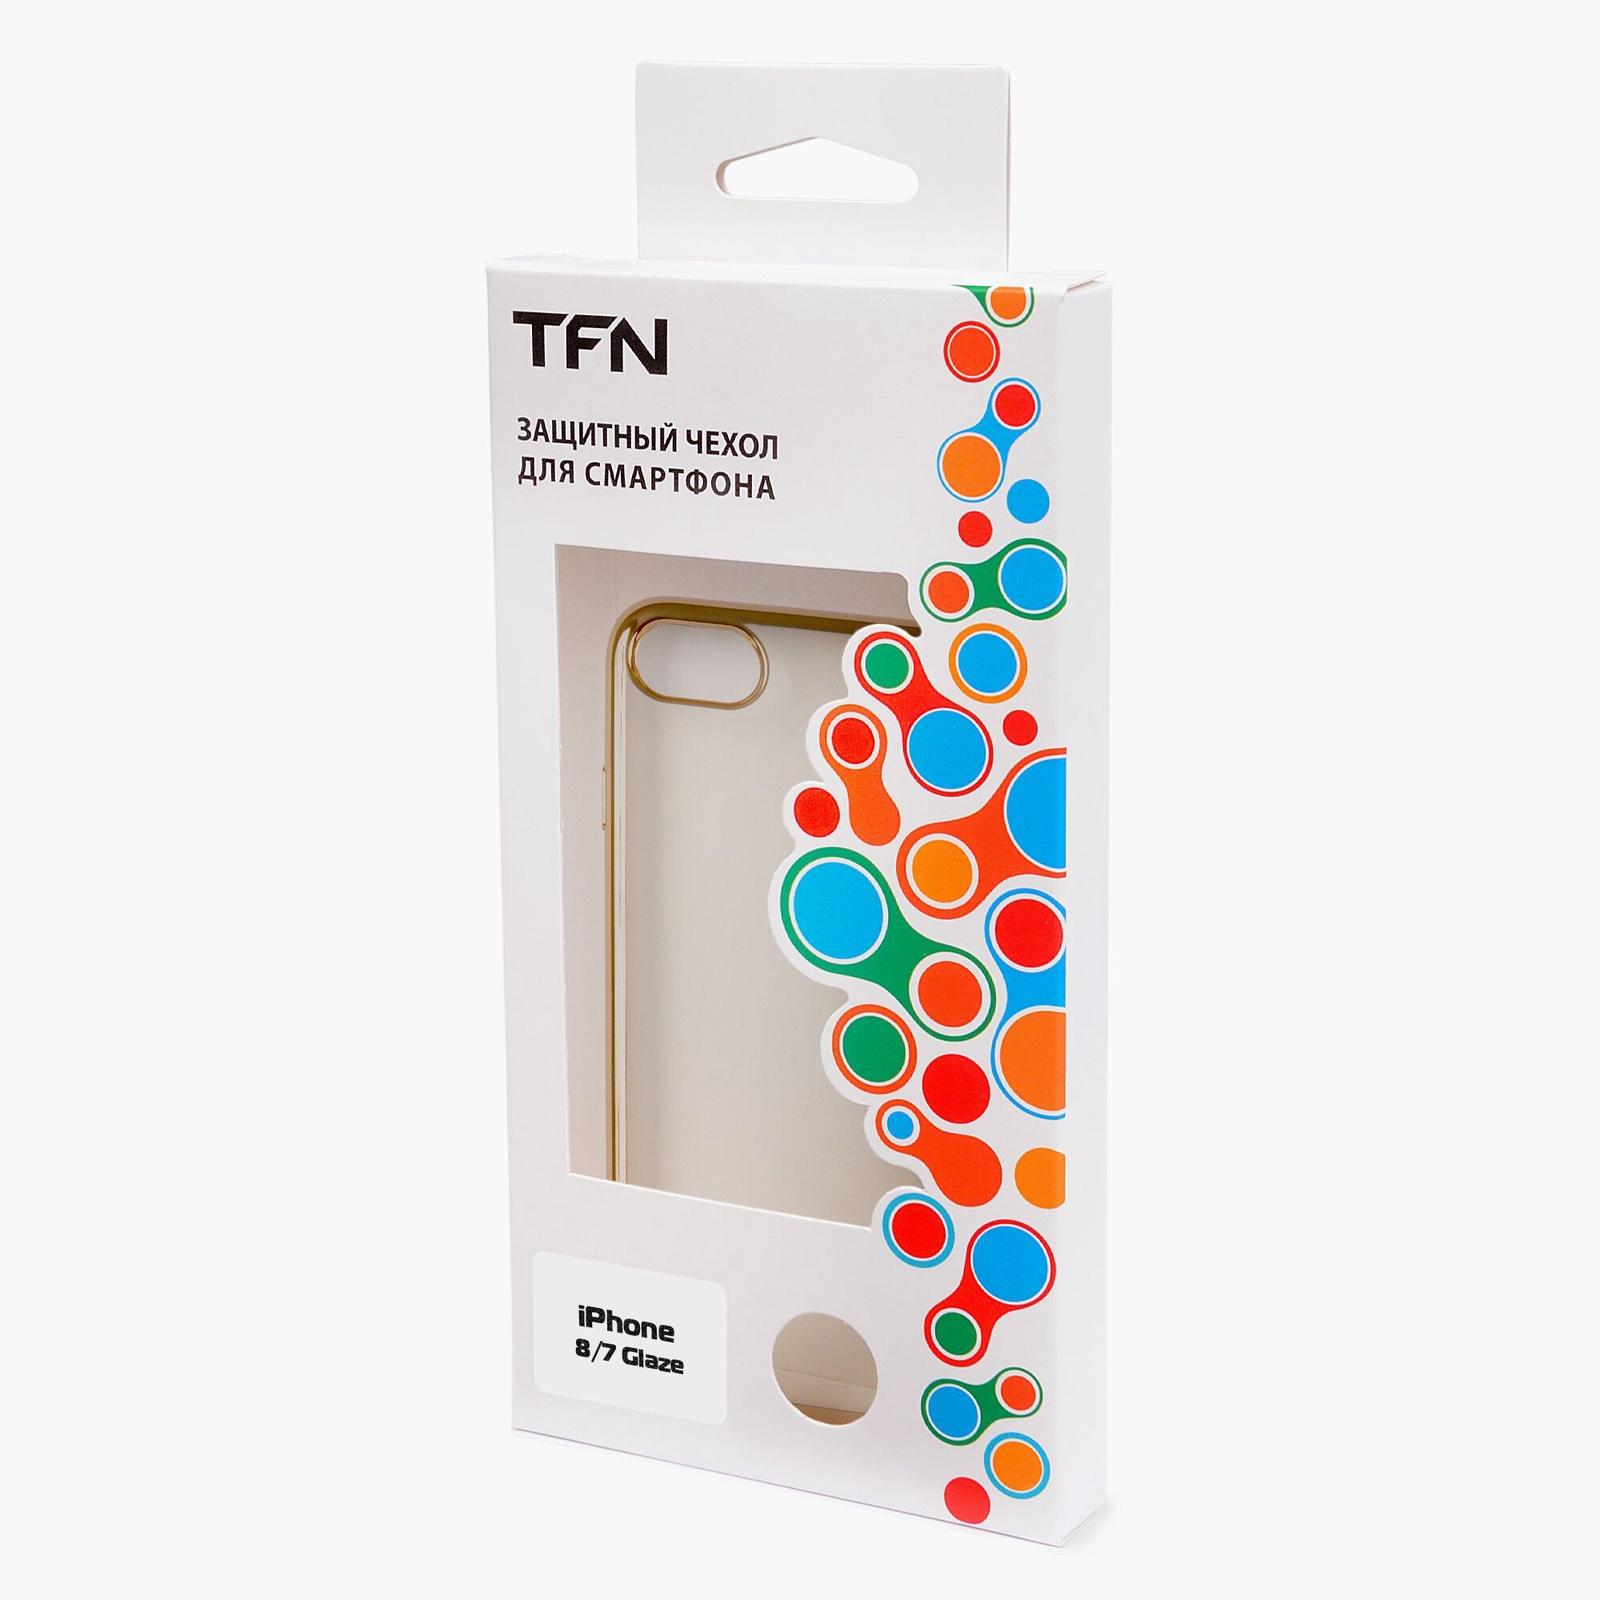 Чехол для сотового телефона TFN Защитный чехол для iPhone 7/8 Золотистый, золотой защитный чехол koolife для iphone 7 8